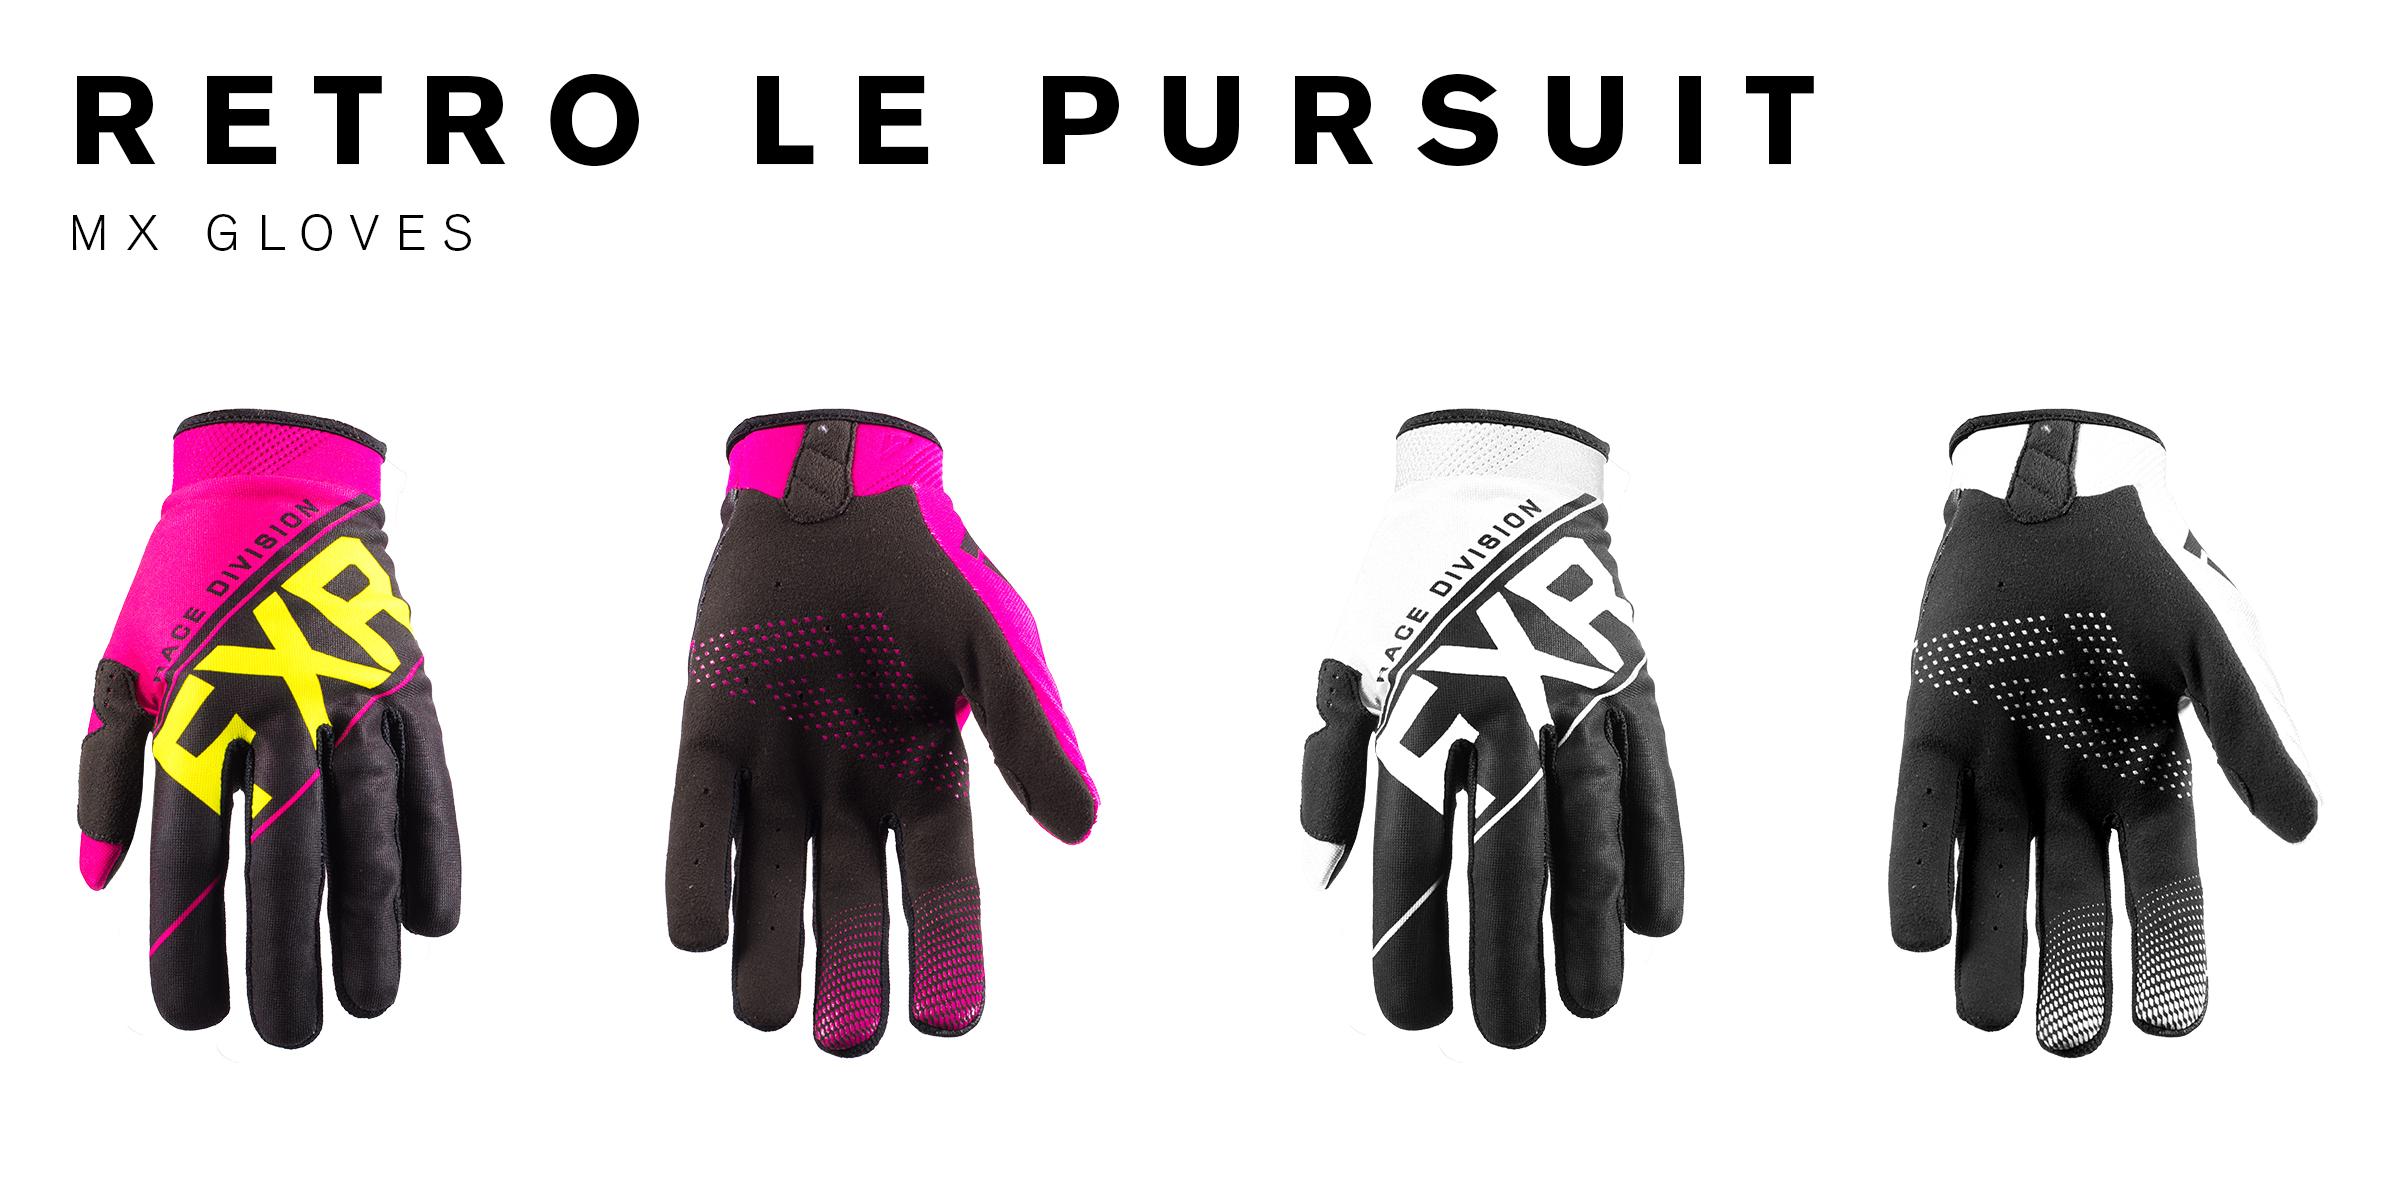 Retro Le Pursuit MX gloves 2018.jpg